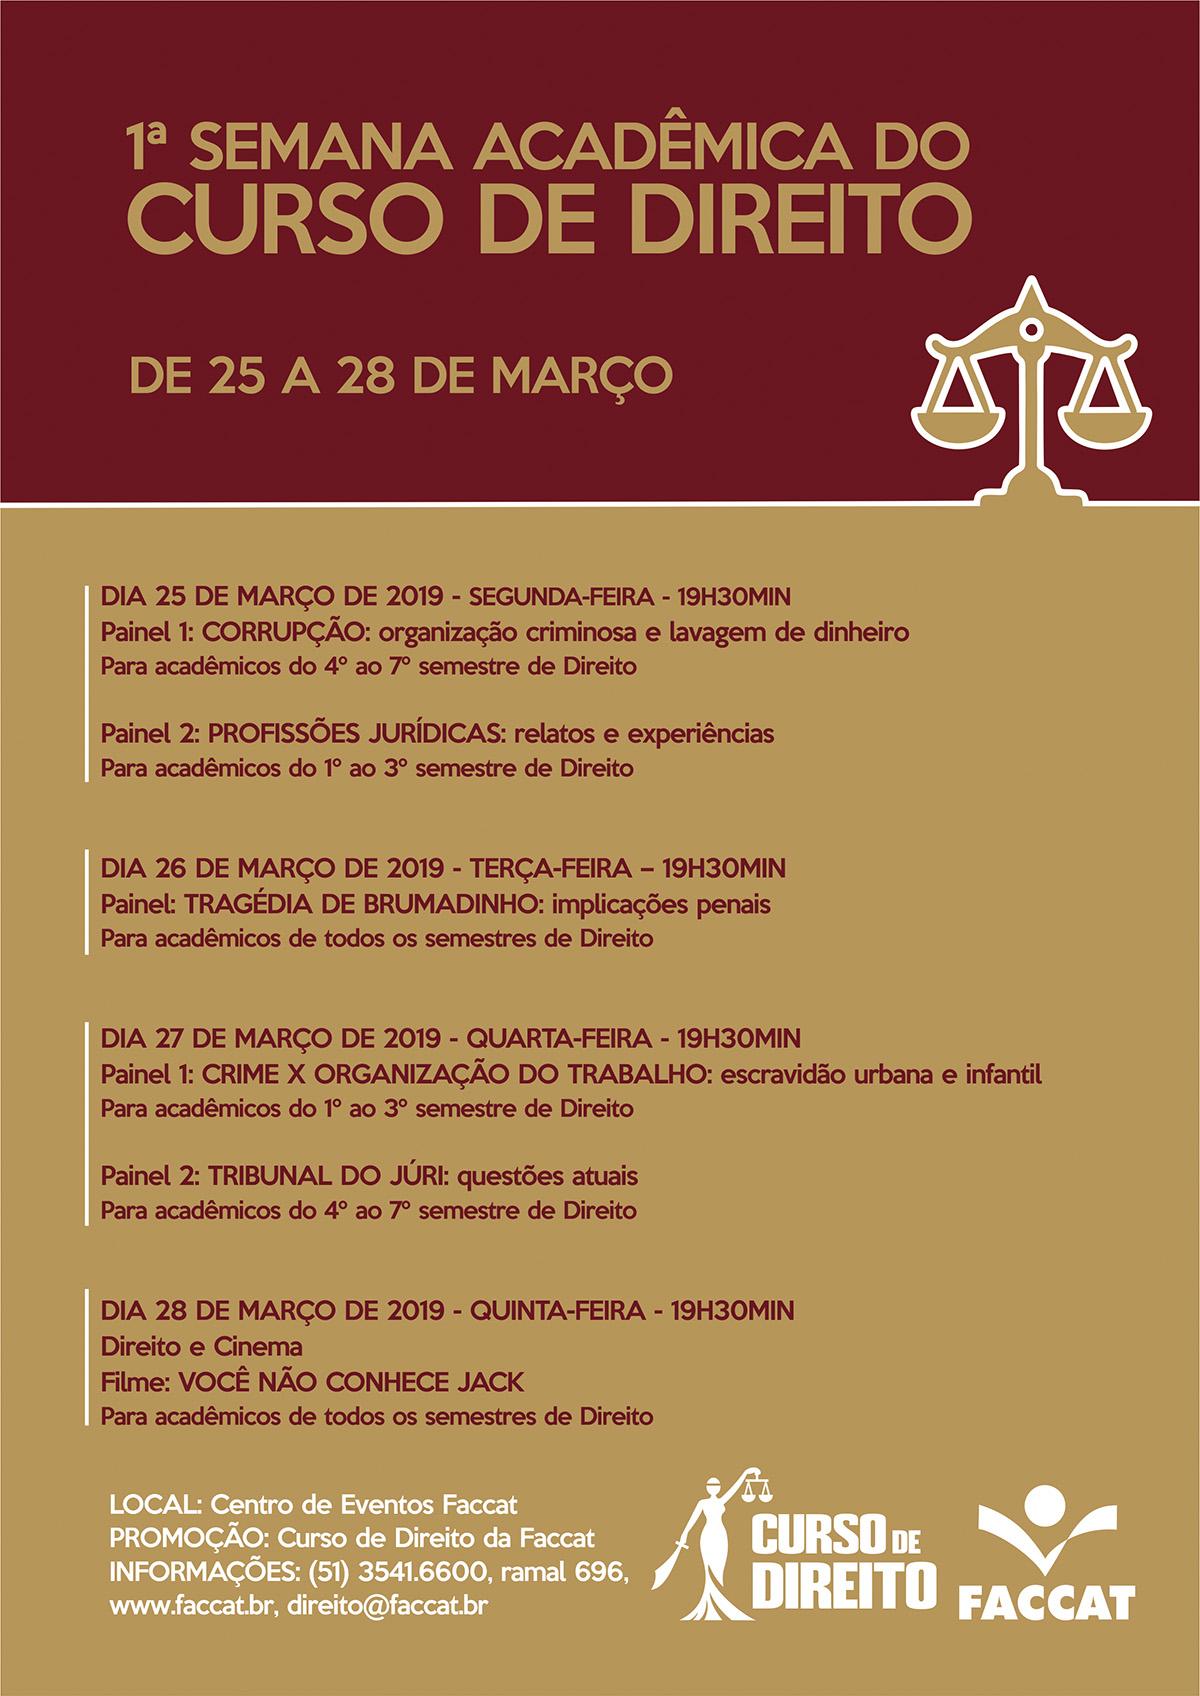 a59ccc7dff 1ª Semana Acadêmica do curso de Direito